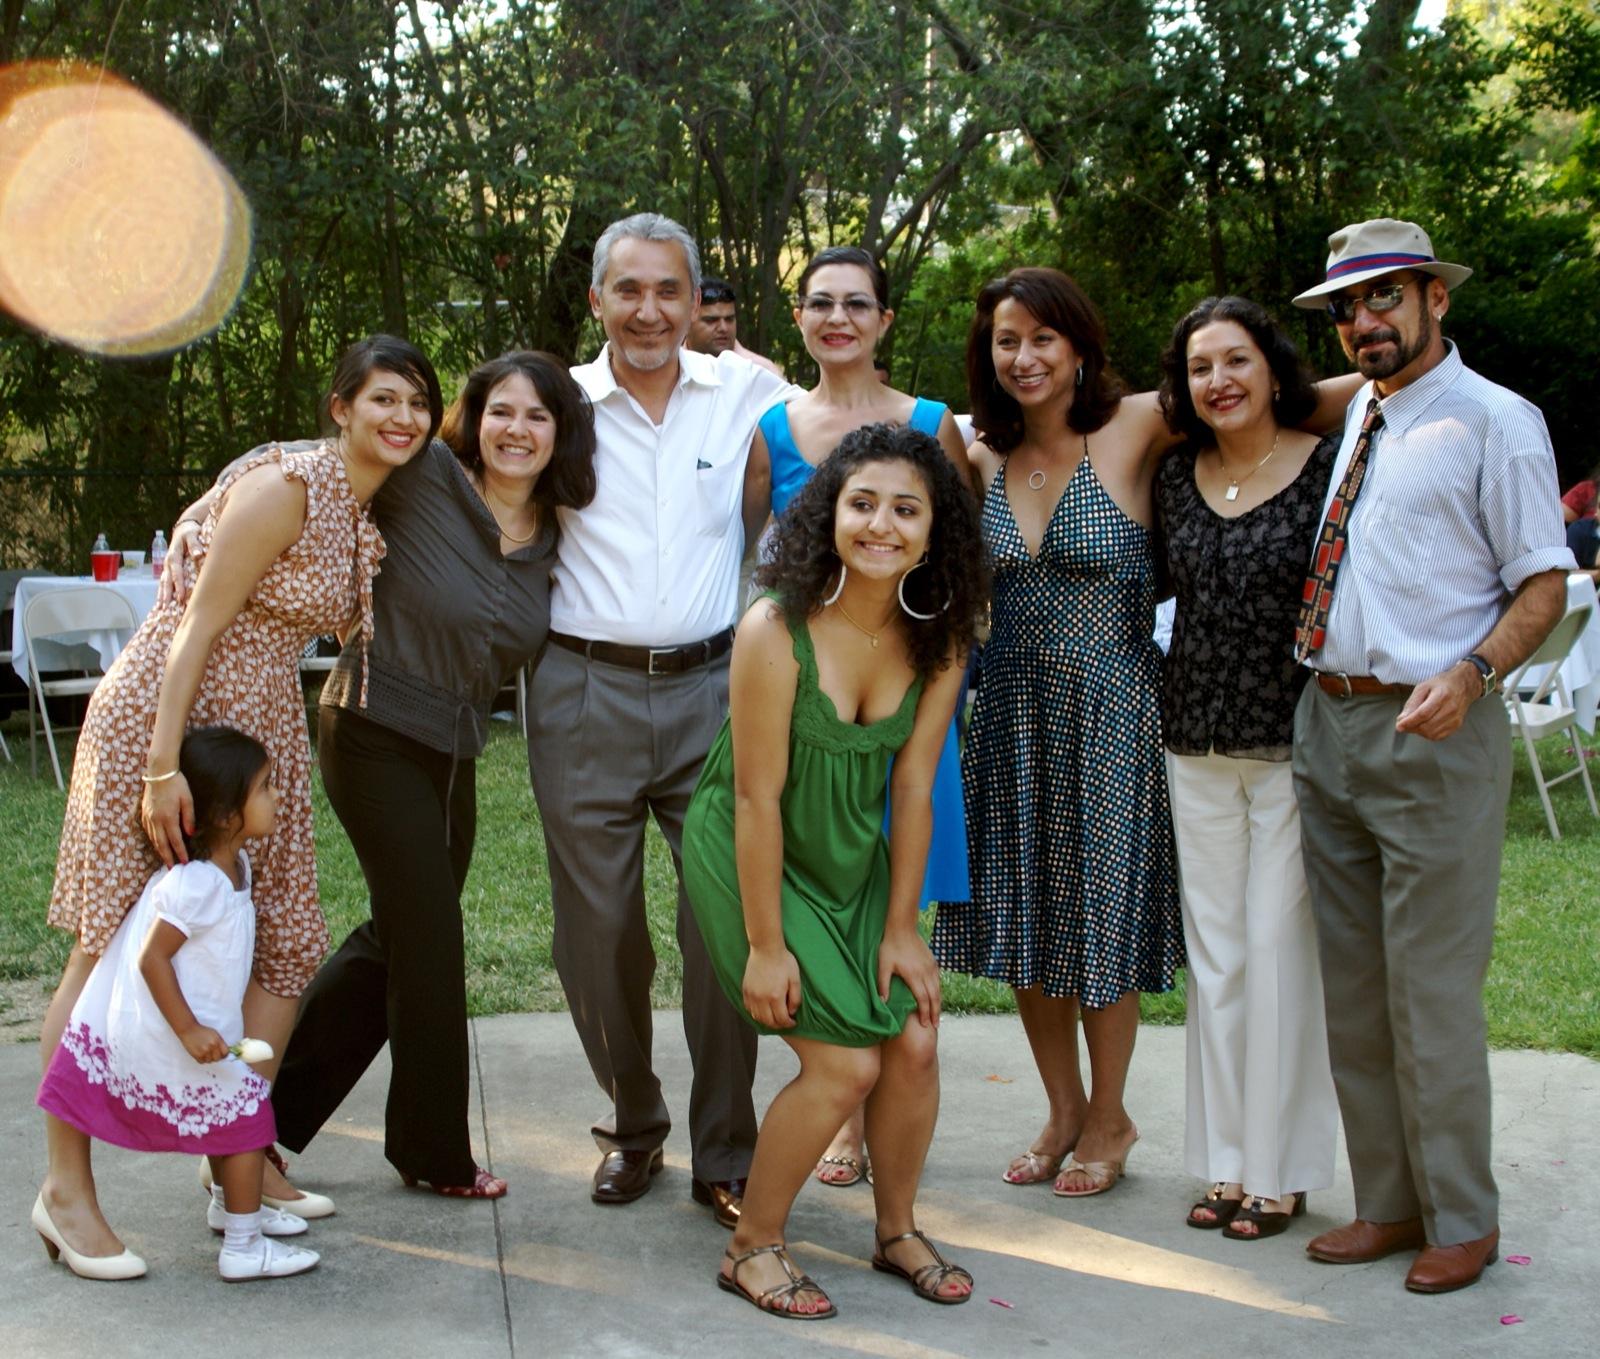 Mario Santino's Baptism Party | Flickr - Photo Sharing!